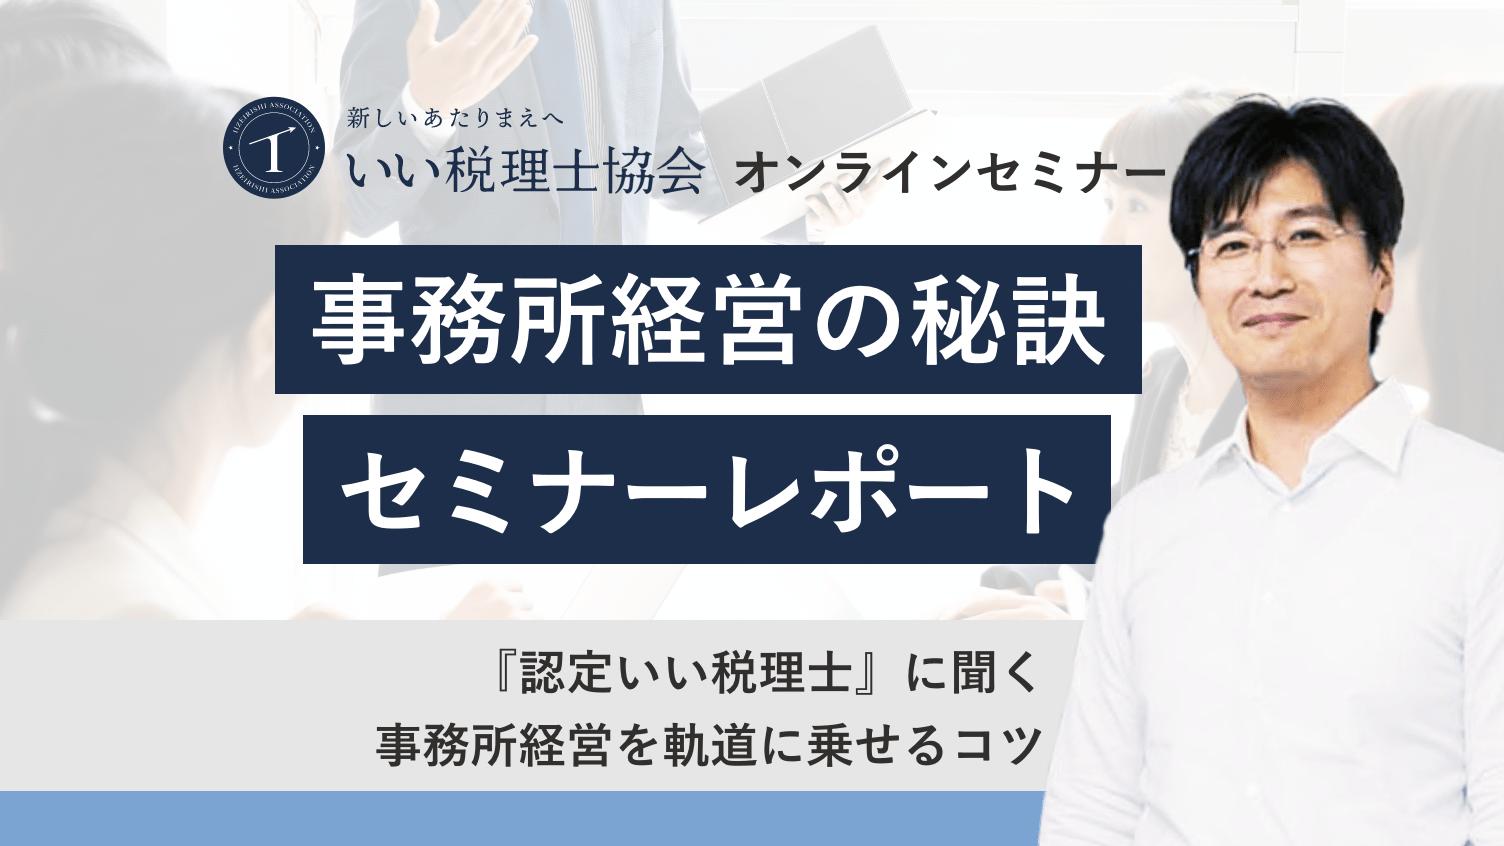 【セミナーレポート】「いい税理士」に聞く、うまくいく事務所経営の秘訣とは?のアイキャッチ